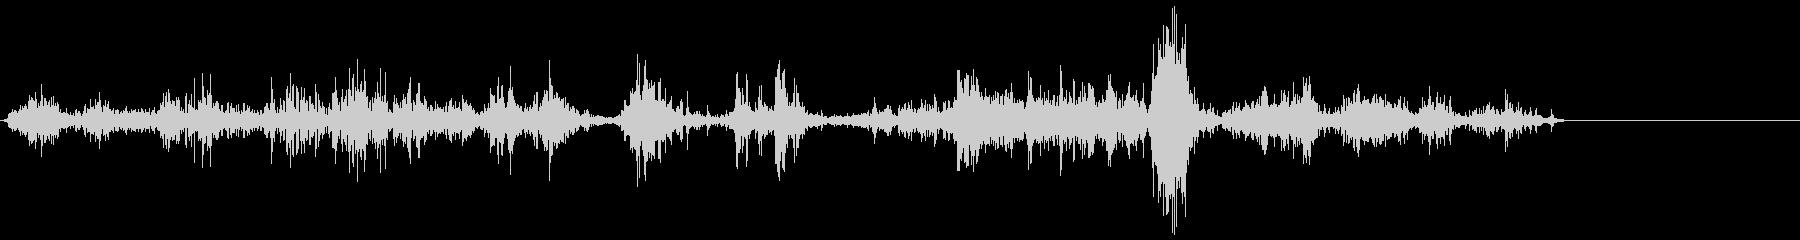 加工獣(KYMA)4の未再生の波形